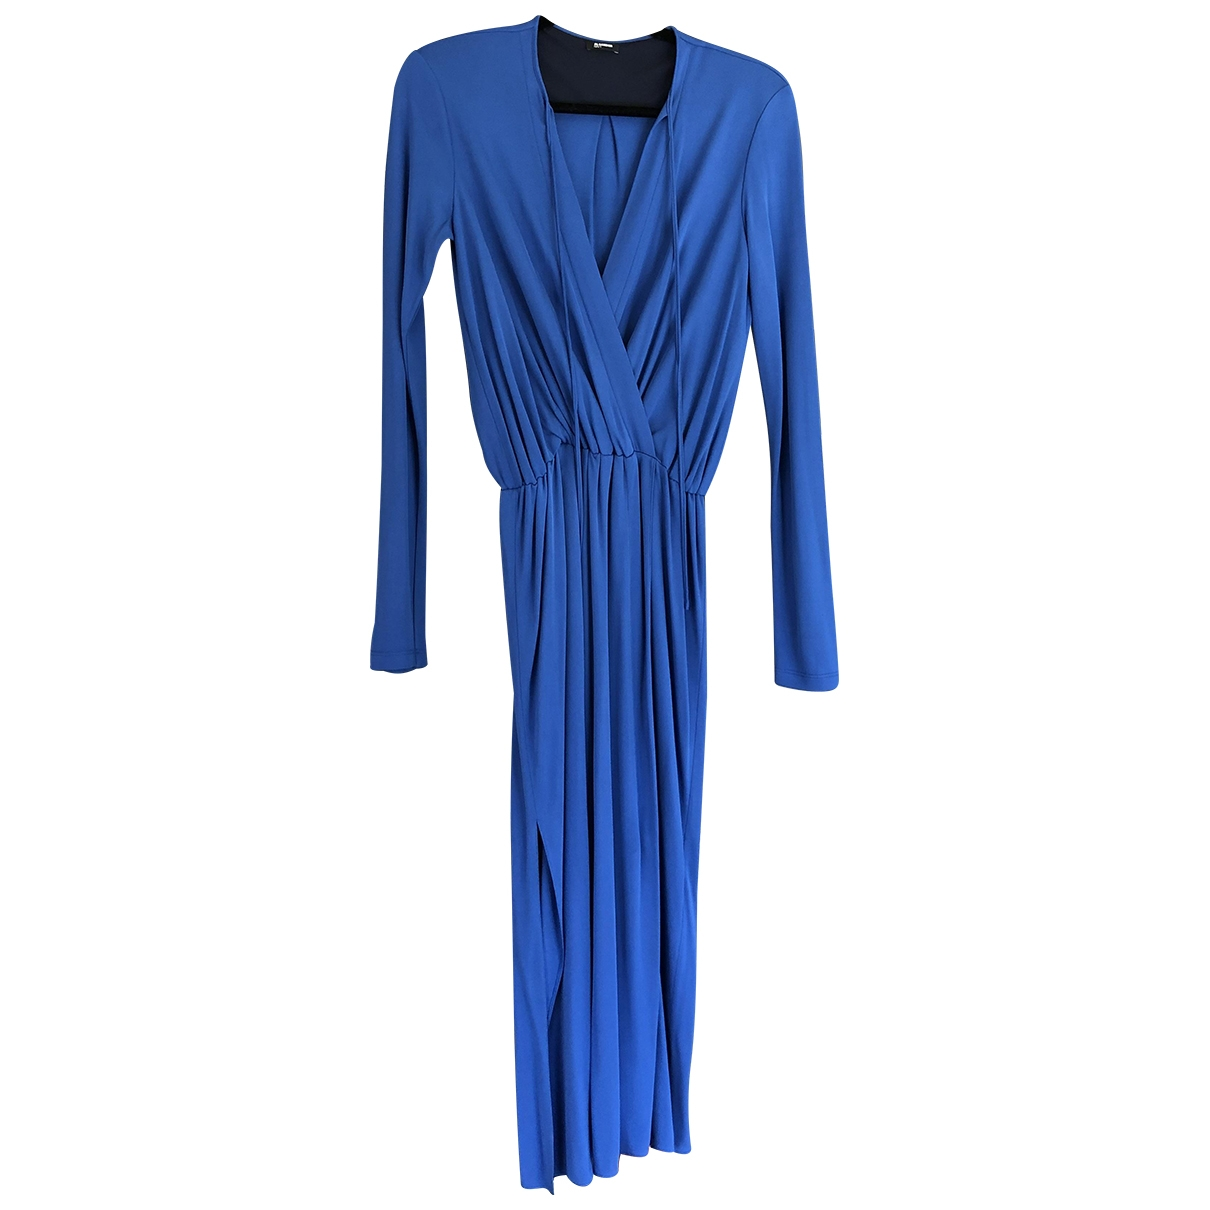 Jil Sander \N Kleid in  Blau Polyester